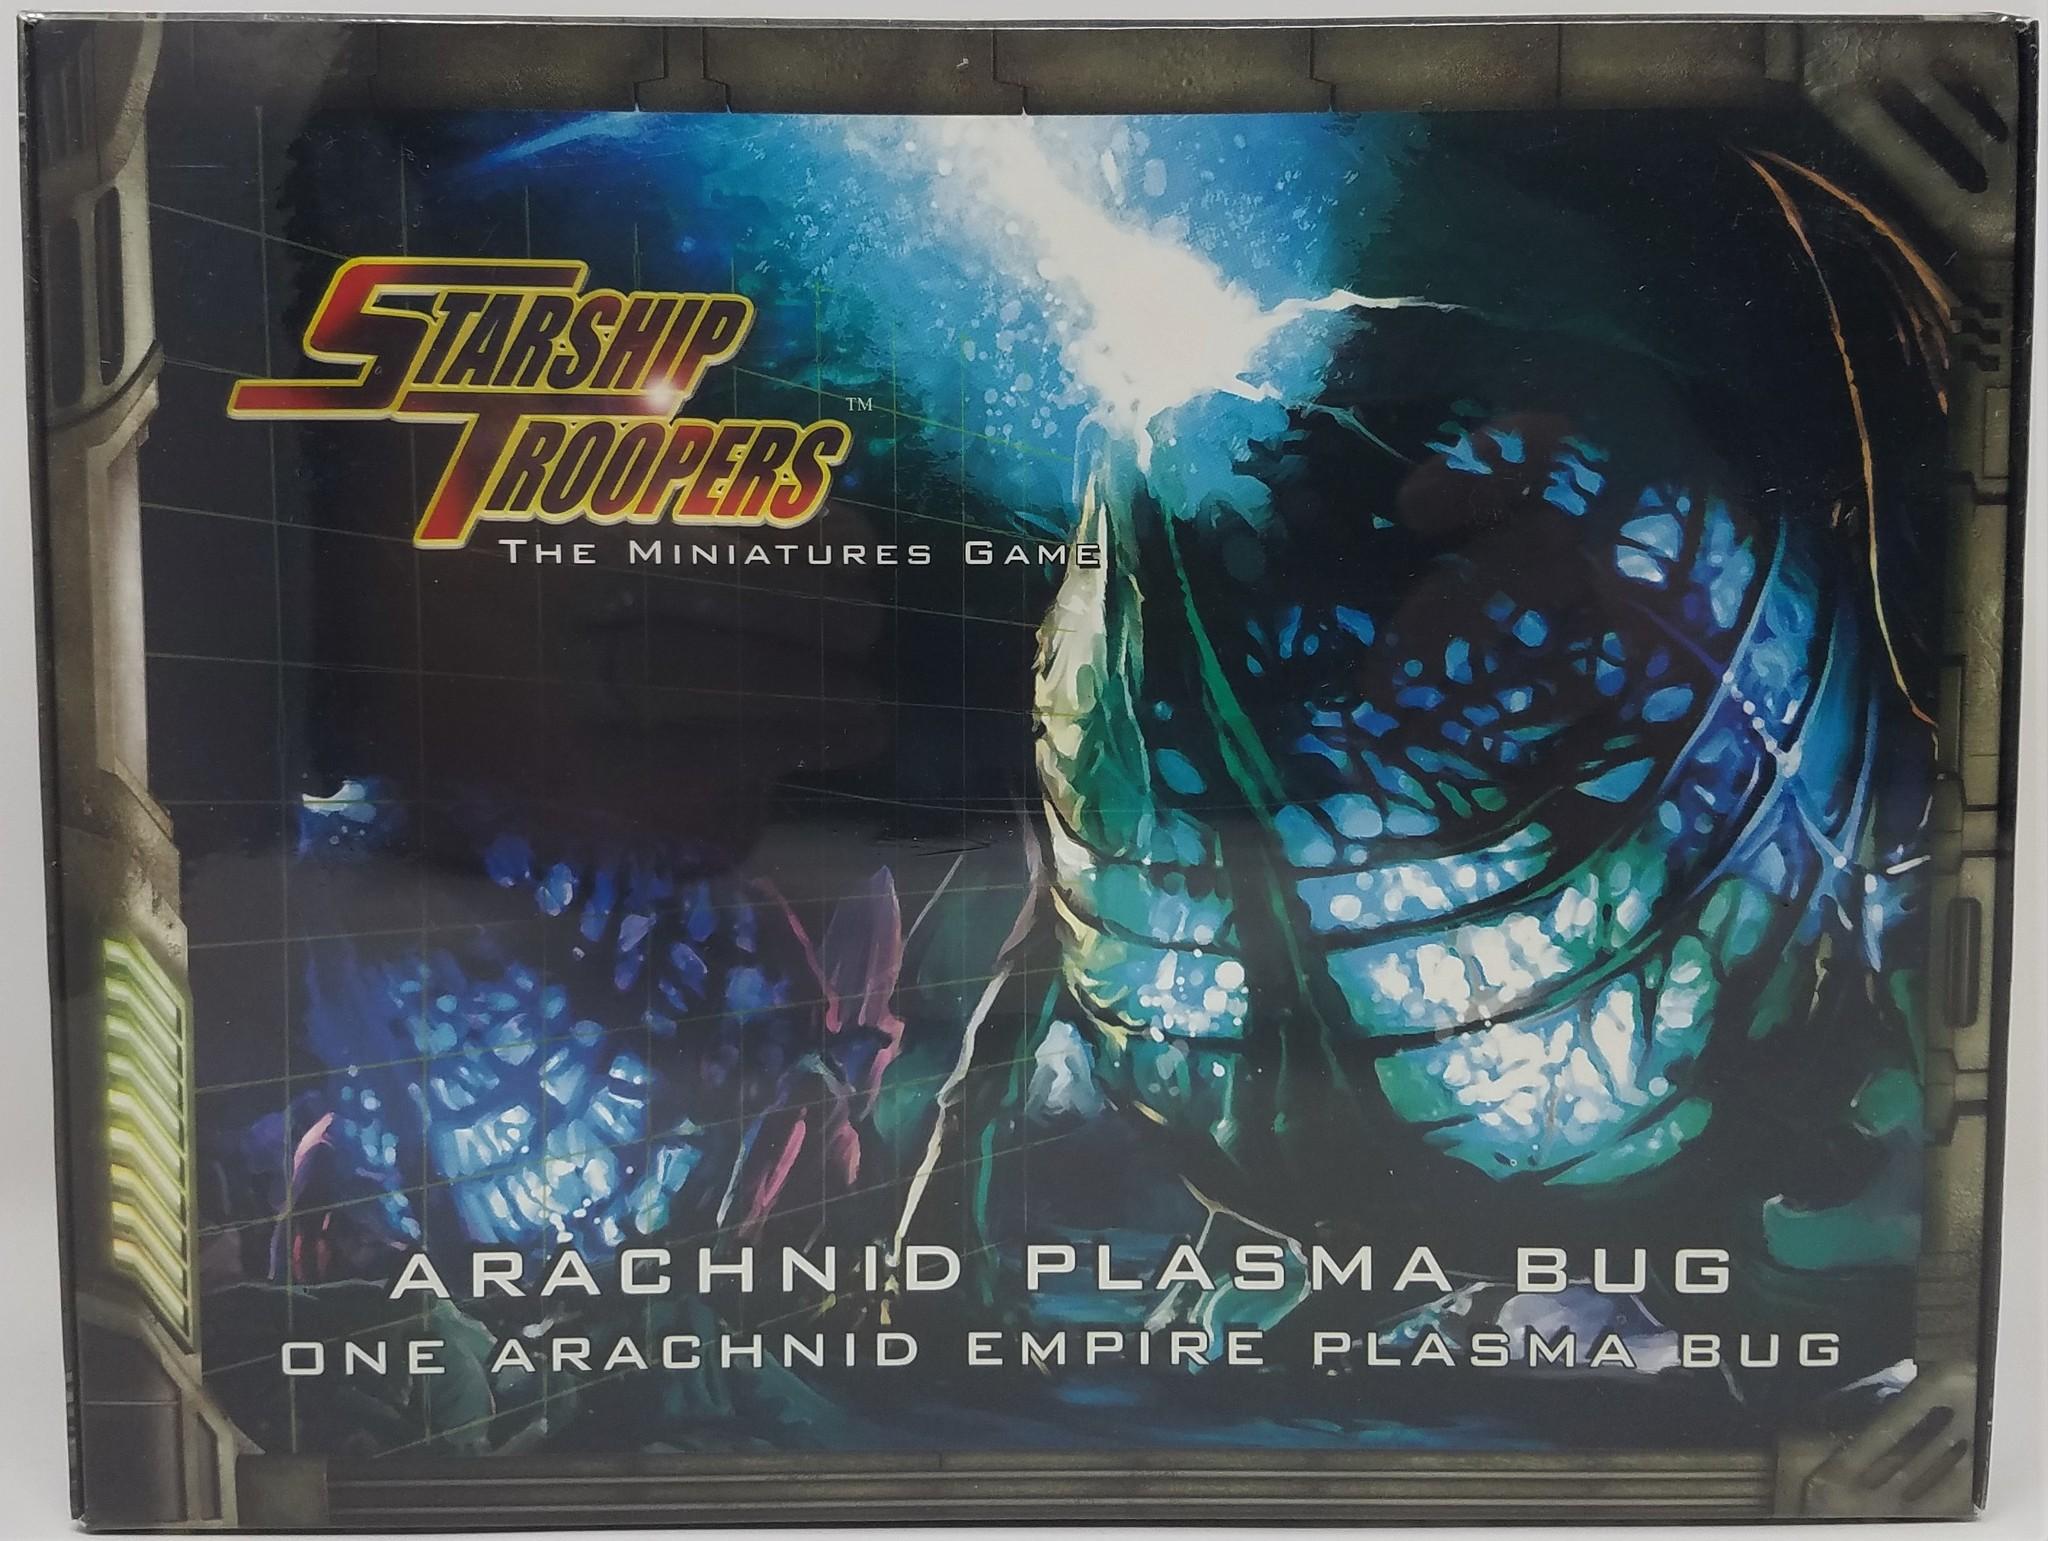 Starship Troopers Miniatures: Arachnid Plasma Bug